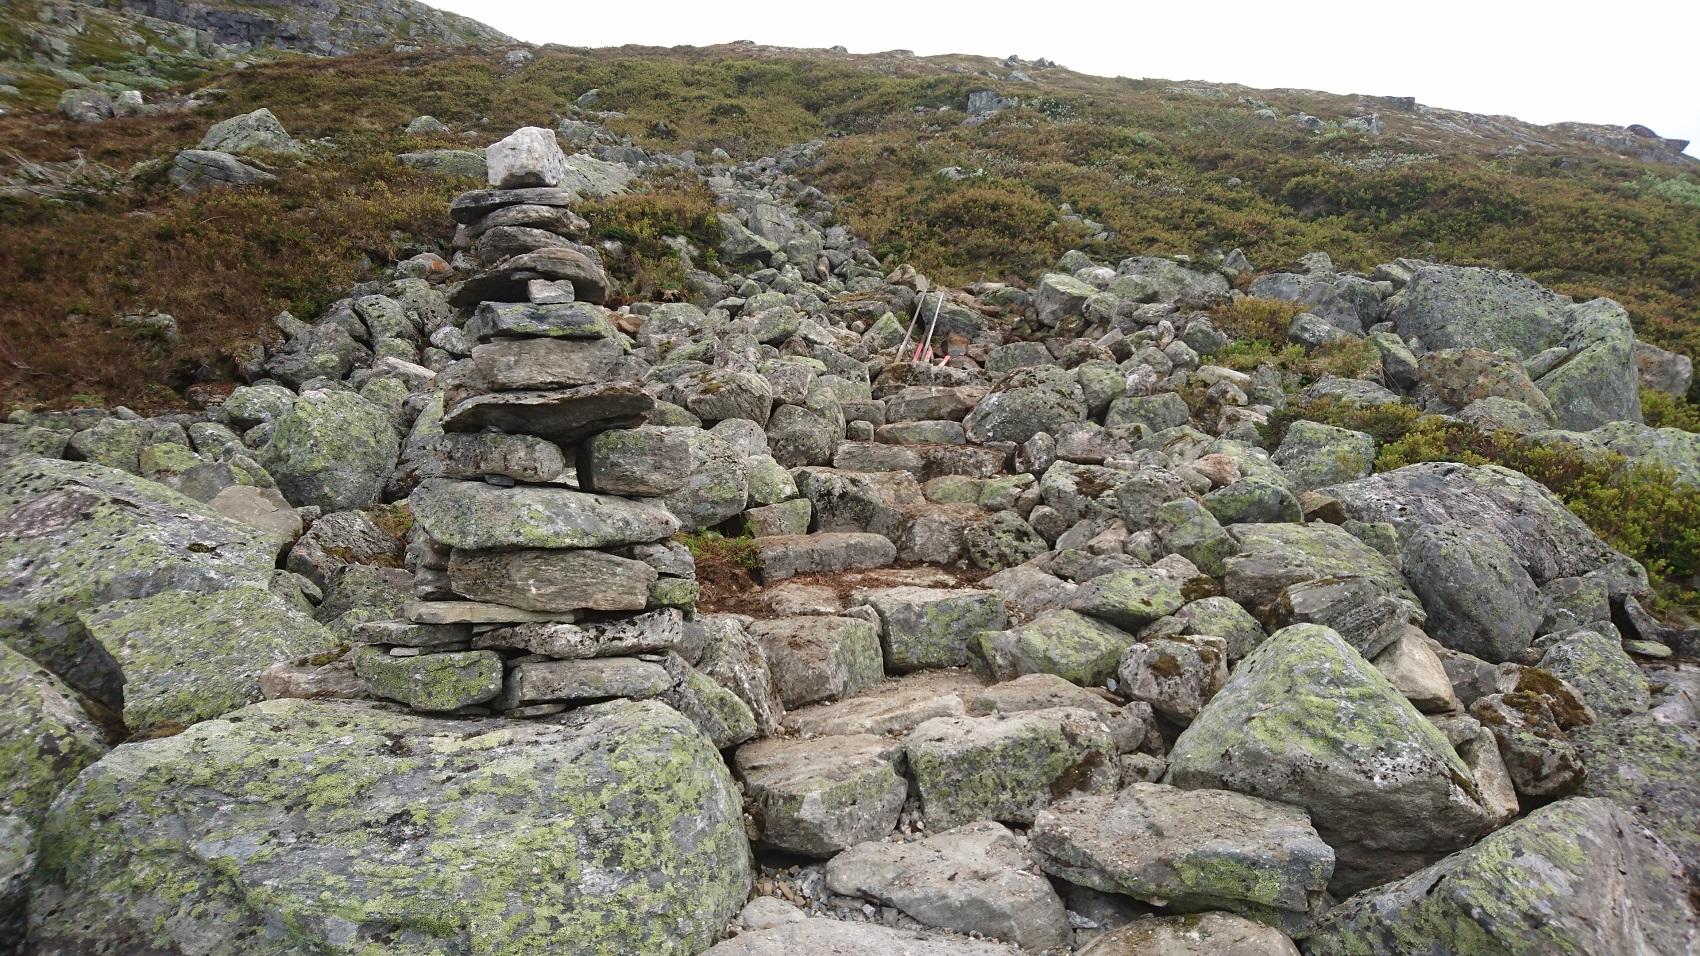 Stein på stein.